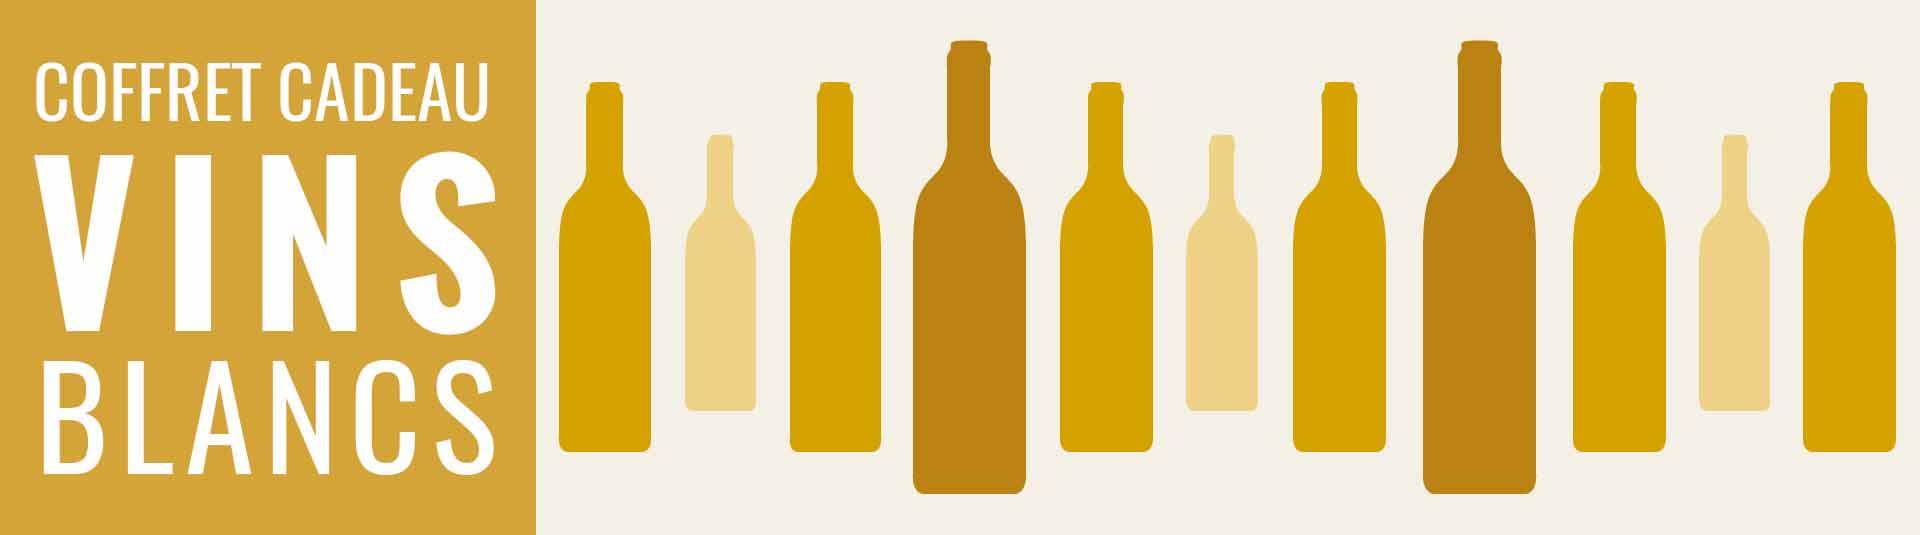 Box cadeau vins blancs